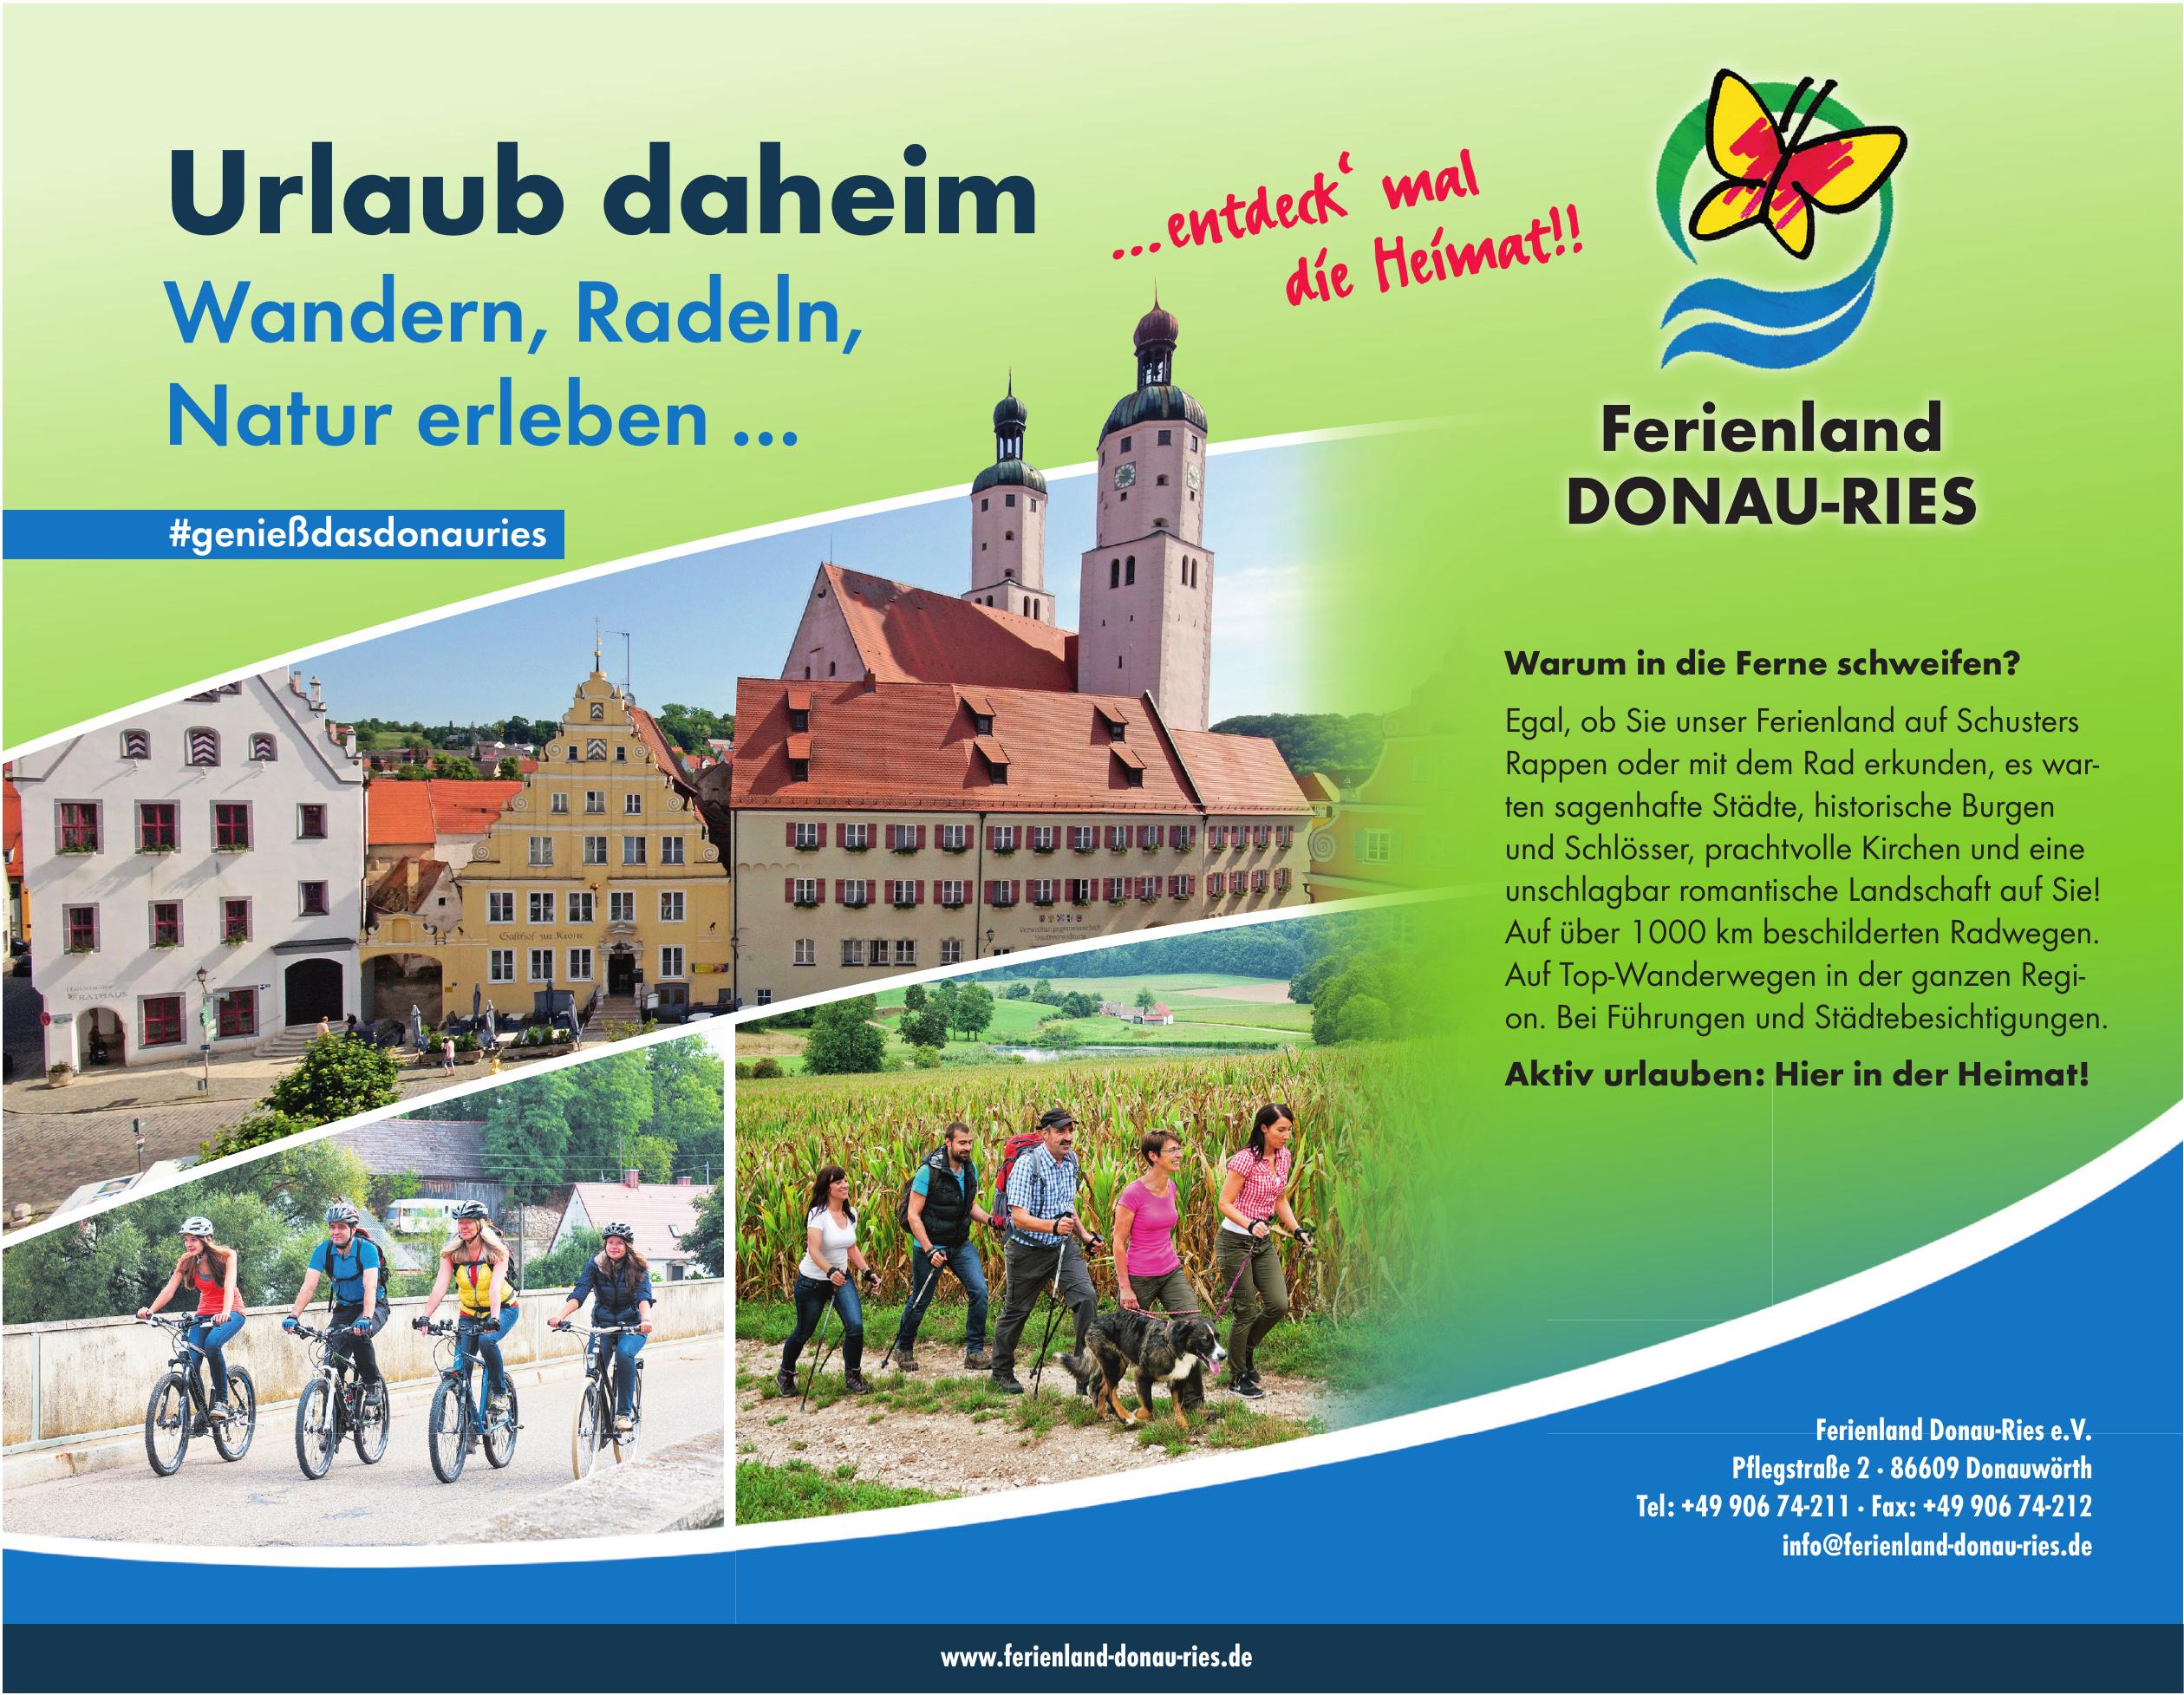 Ferienland Donau-Ries e.V.